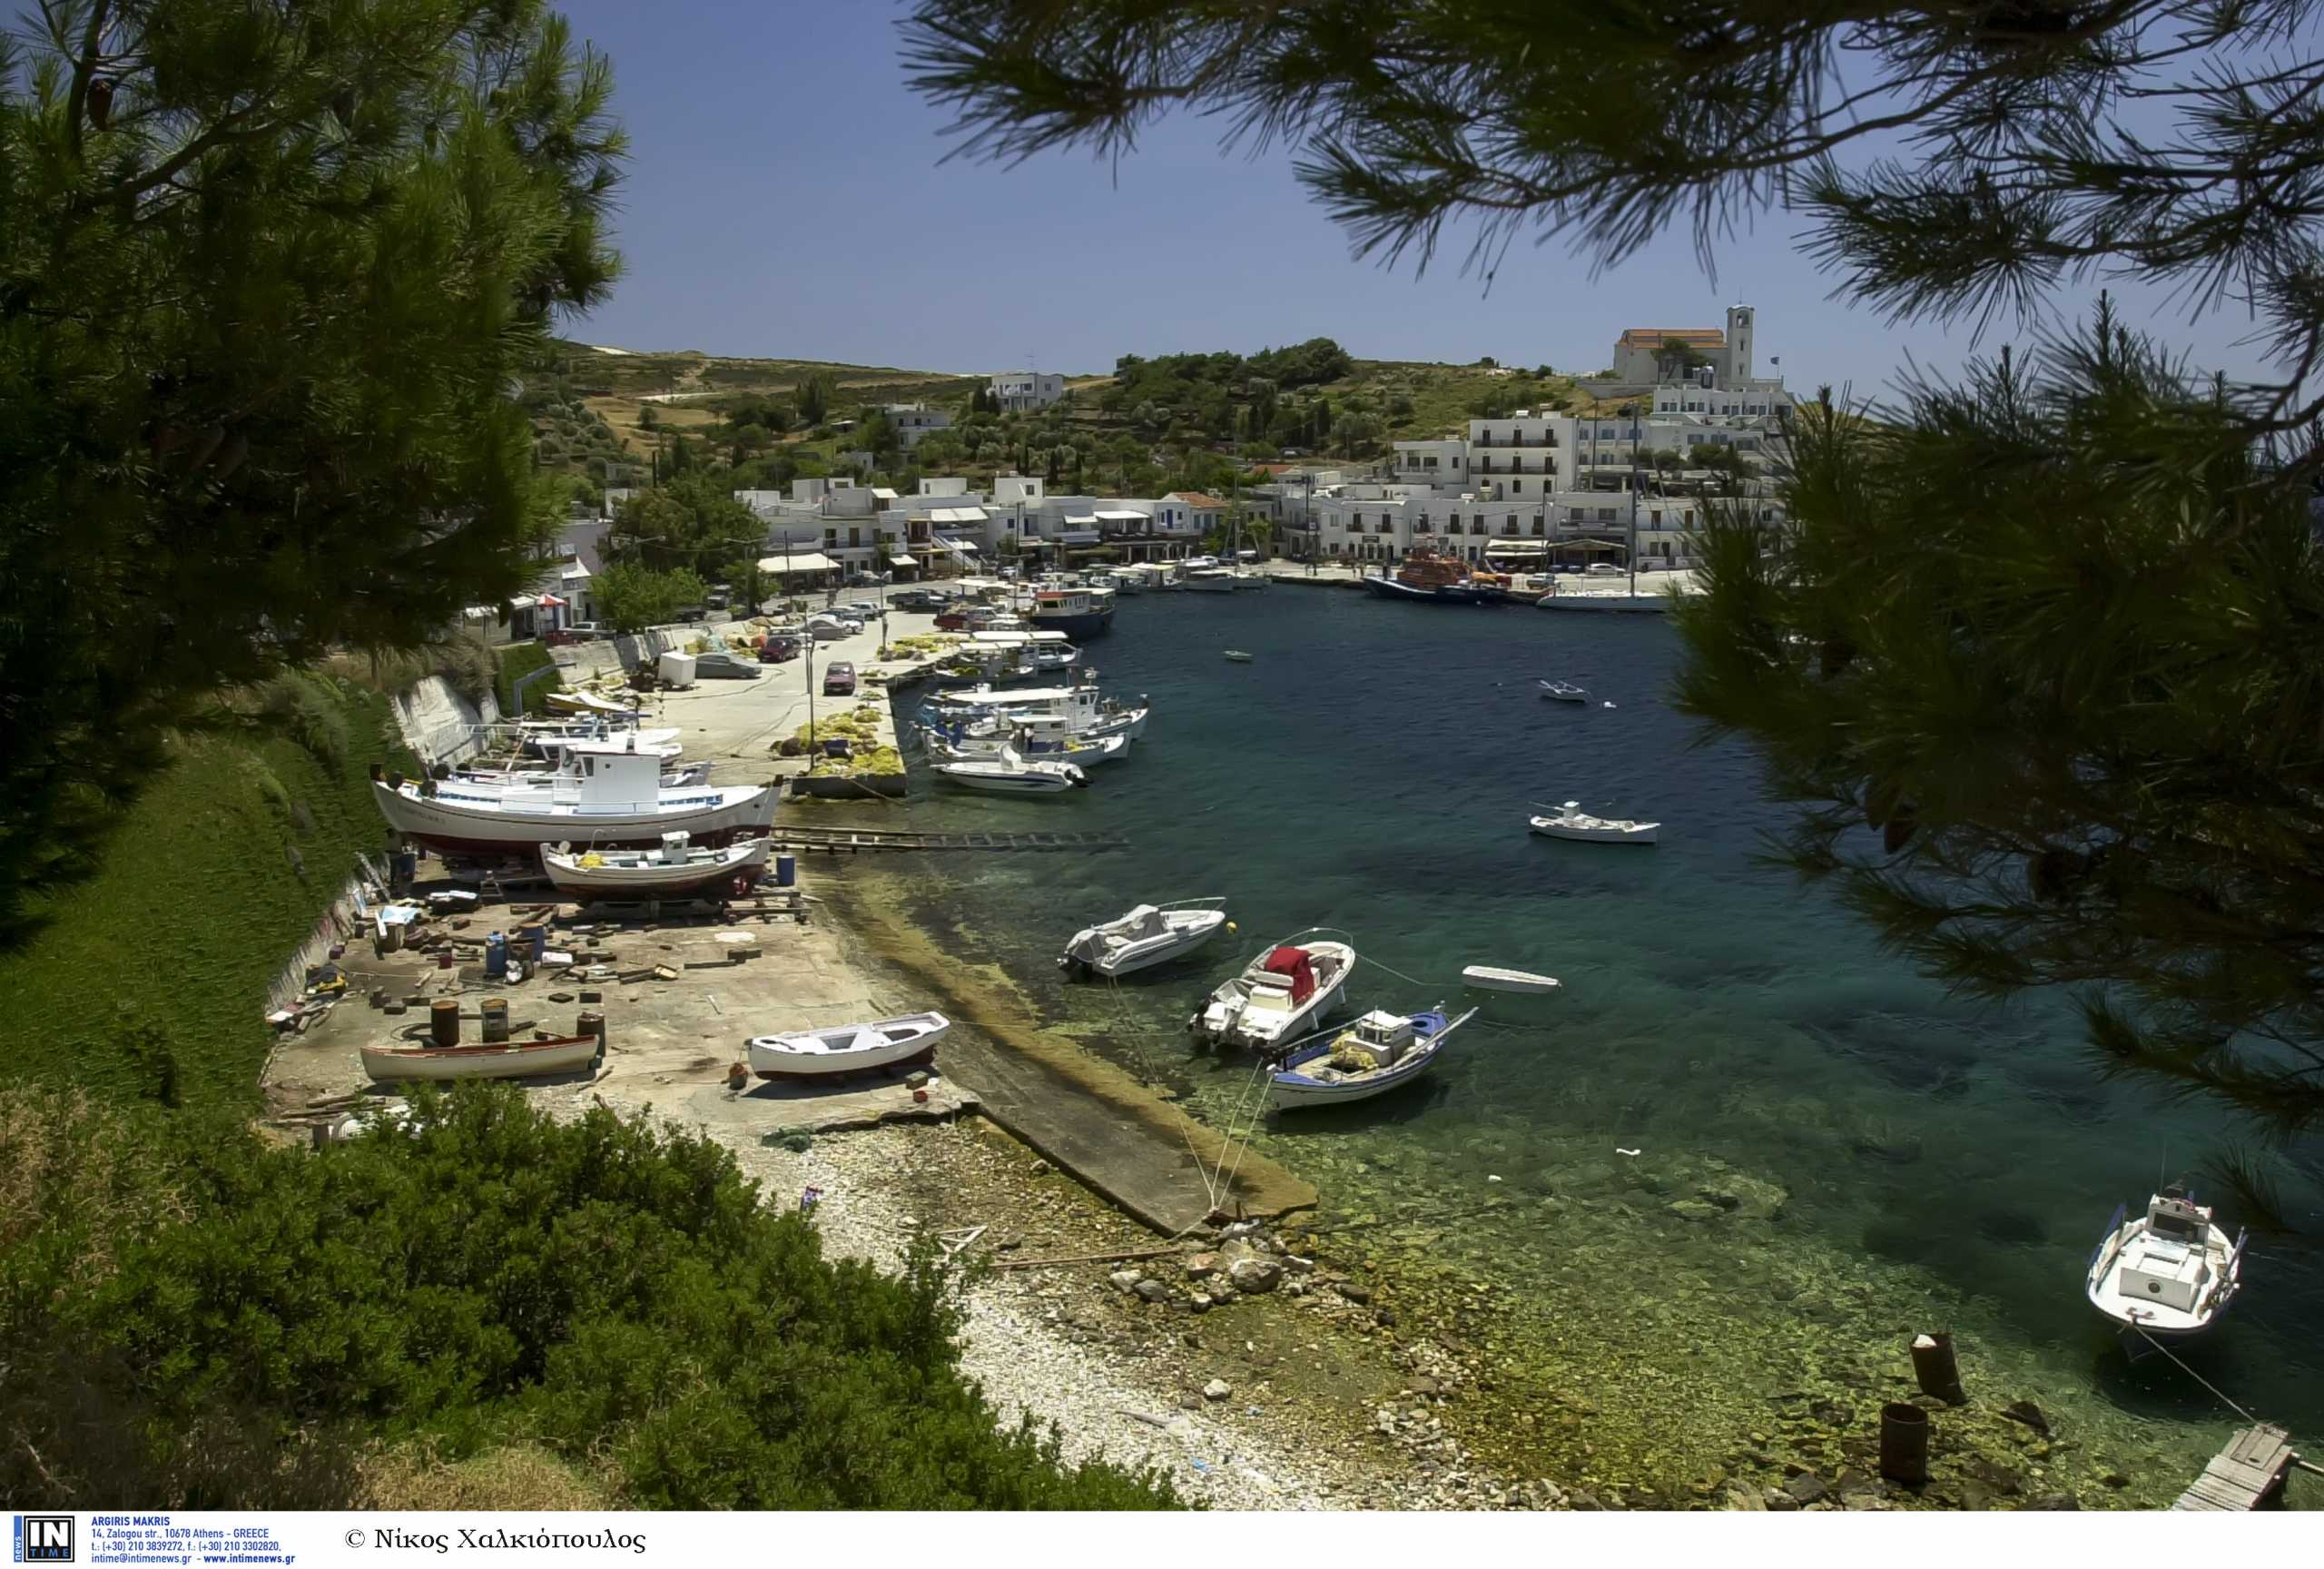 Σκύρος: Ο δημοφιλέστερος προορισμός για επισκέπτες από τη Βόρεια Ελλάδα